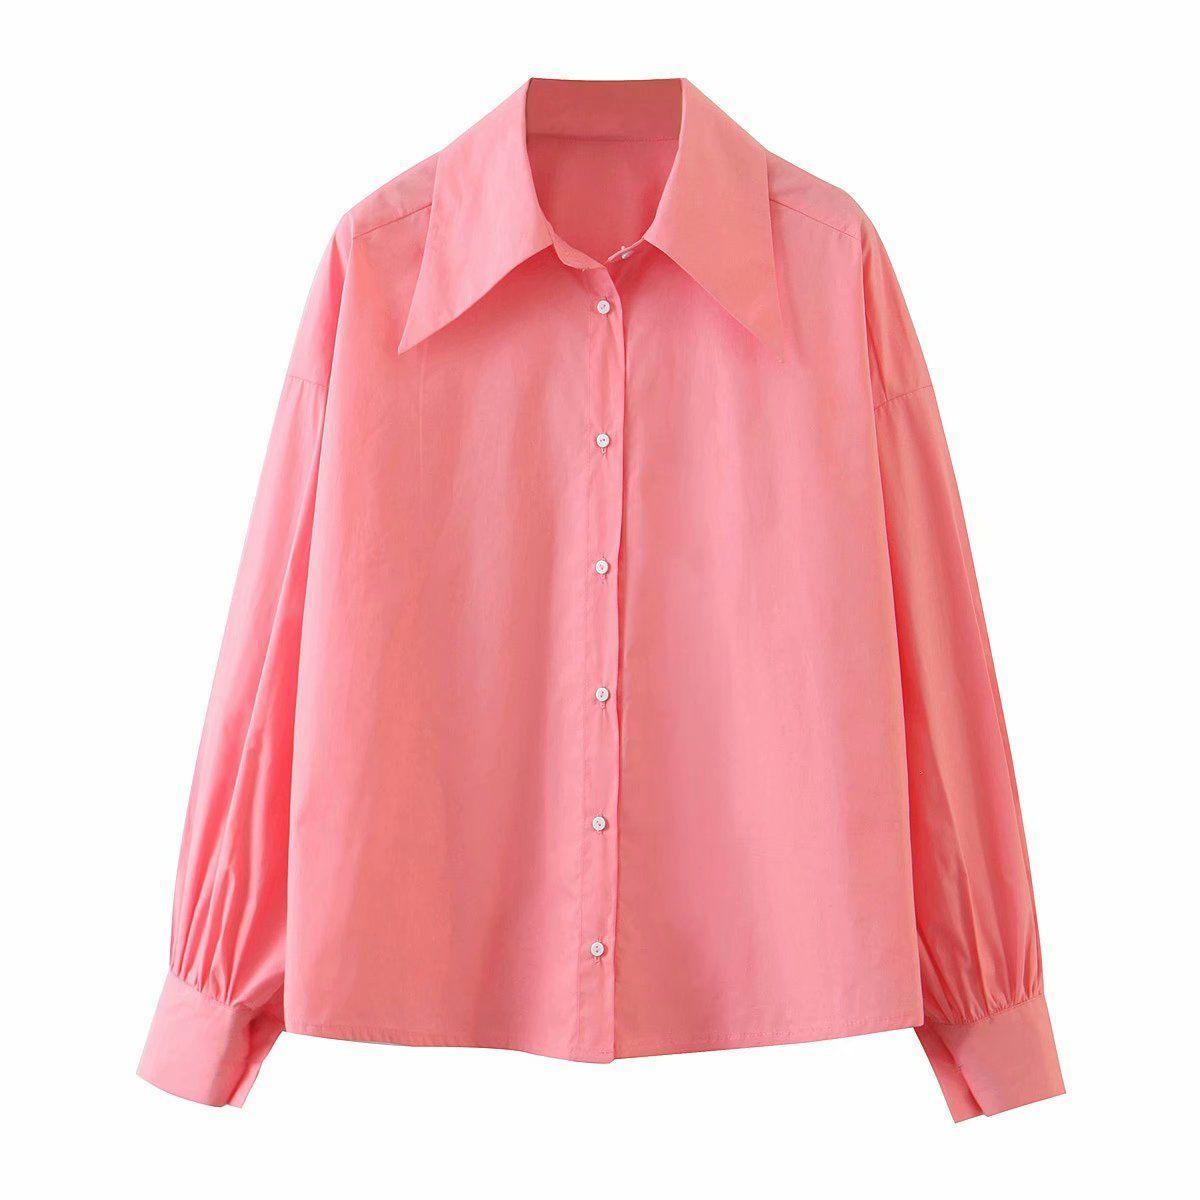 Kadın Bluzlar Erken Moda Stil Yaka Temel Kollu Gömlek PPCW